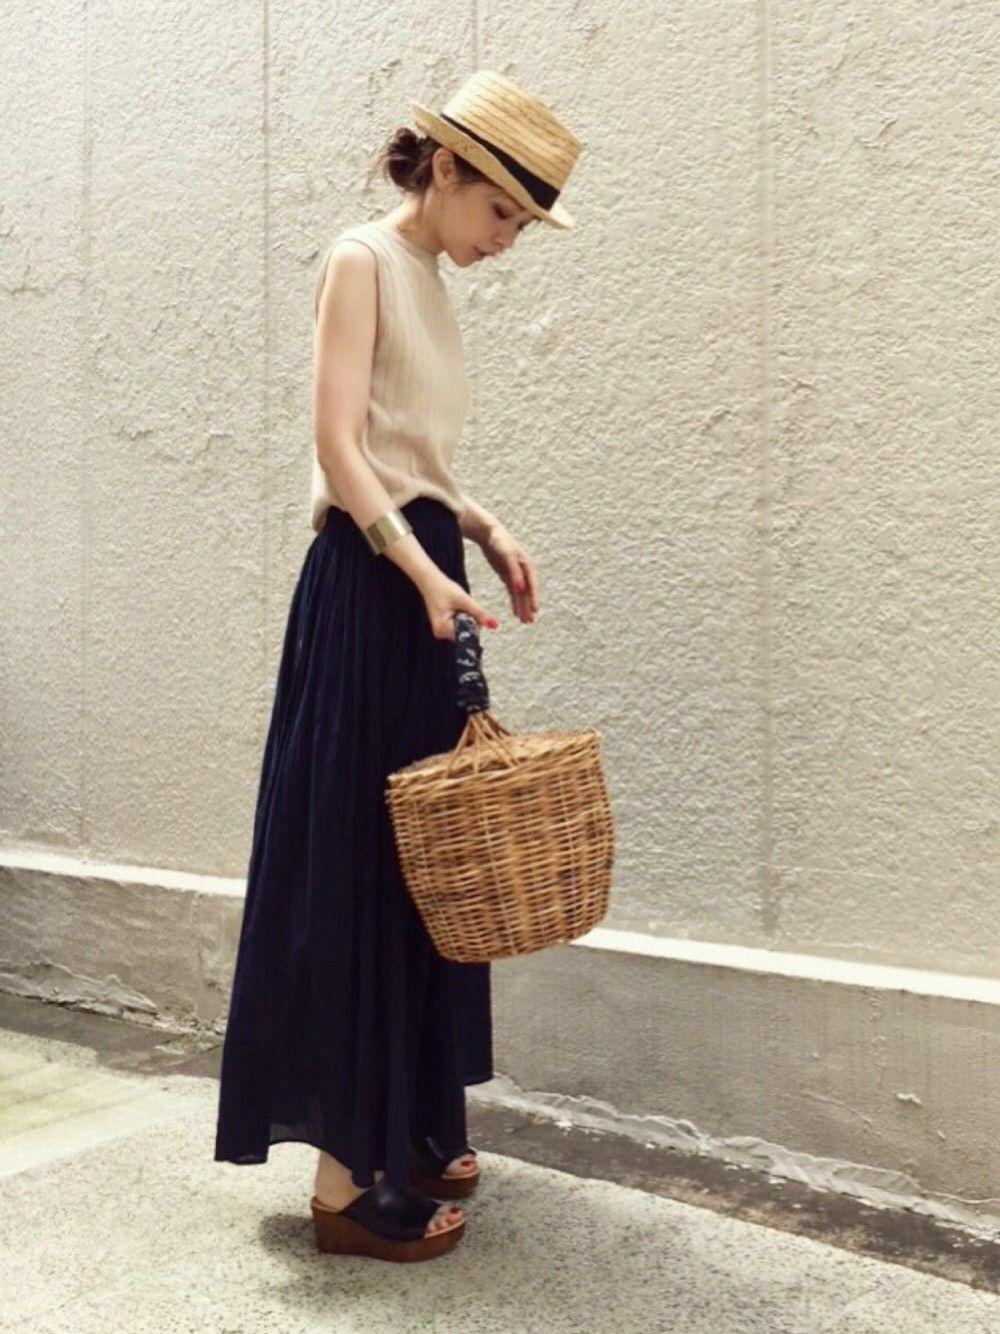 ari☆さんの「WOMEN UVカットワイドリブノースリーブセーター(UNIQLO)」を使ったコーディネート